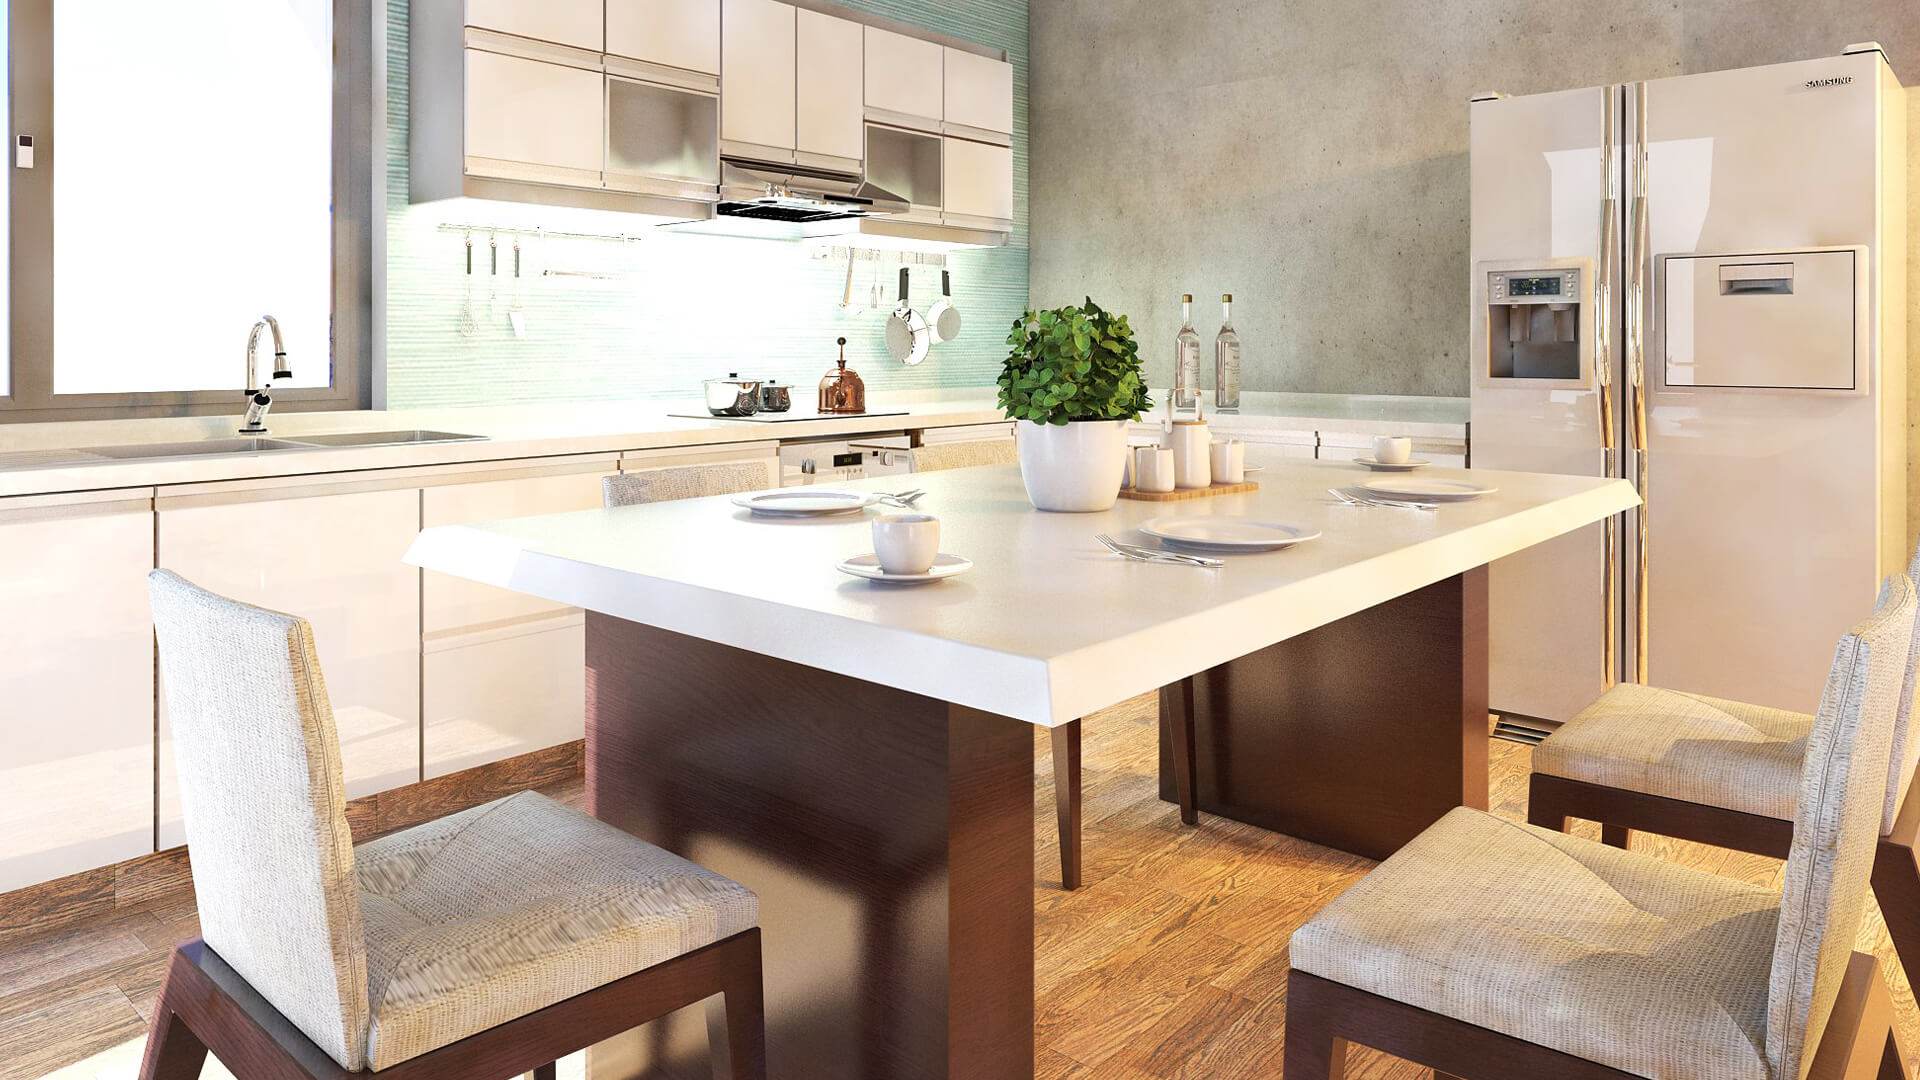 Progettazione e render Appartamento. Località: Modena (MO)